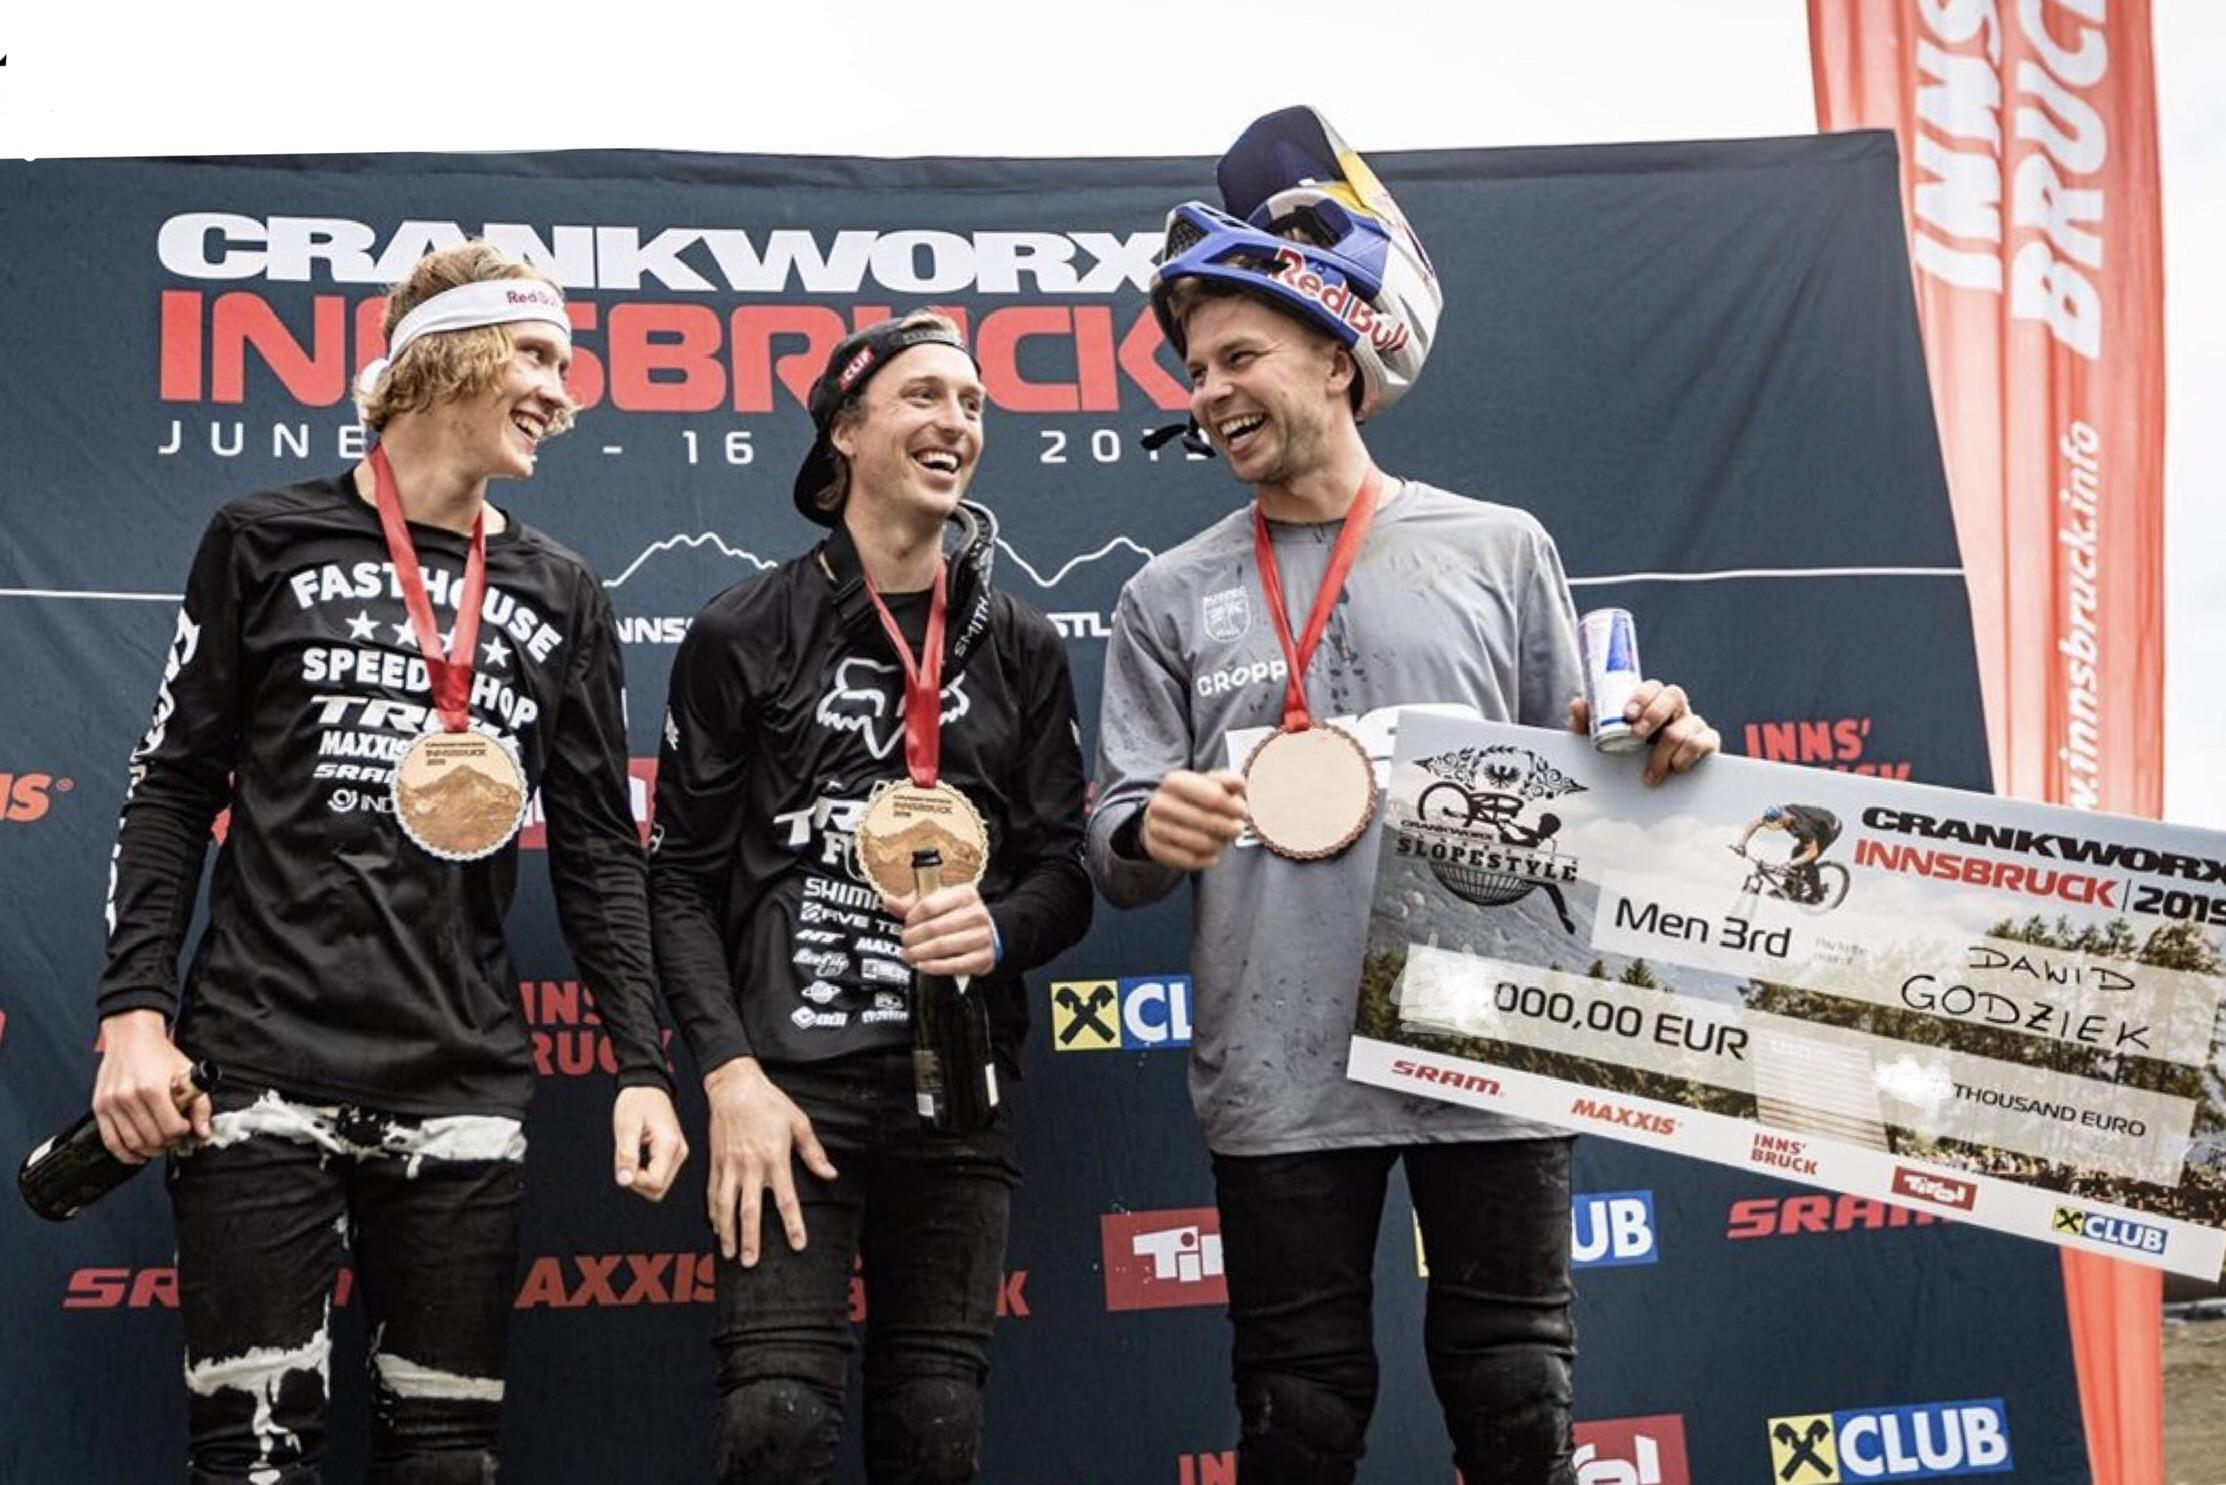 Dawid Godziek staje na podium podczas swojego pierwszego startu w Mistrzostwach Świata Crankworx w dyscyplinie MTB Slopestyle